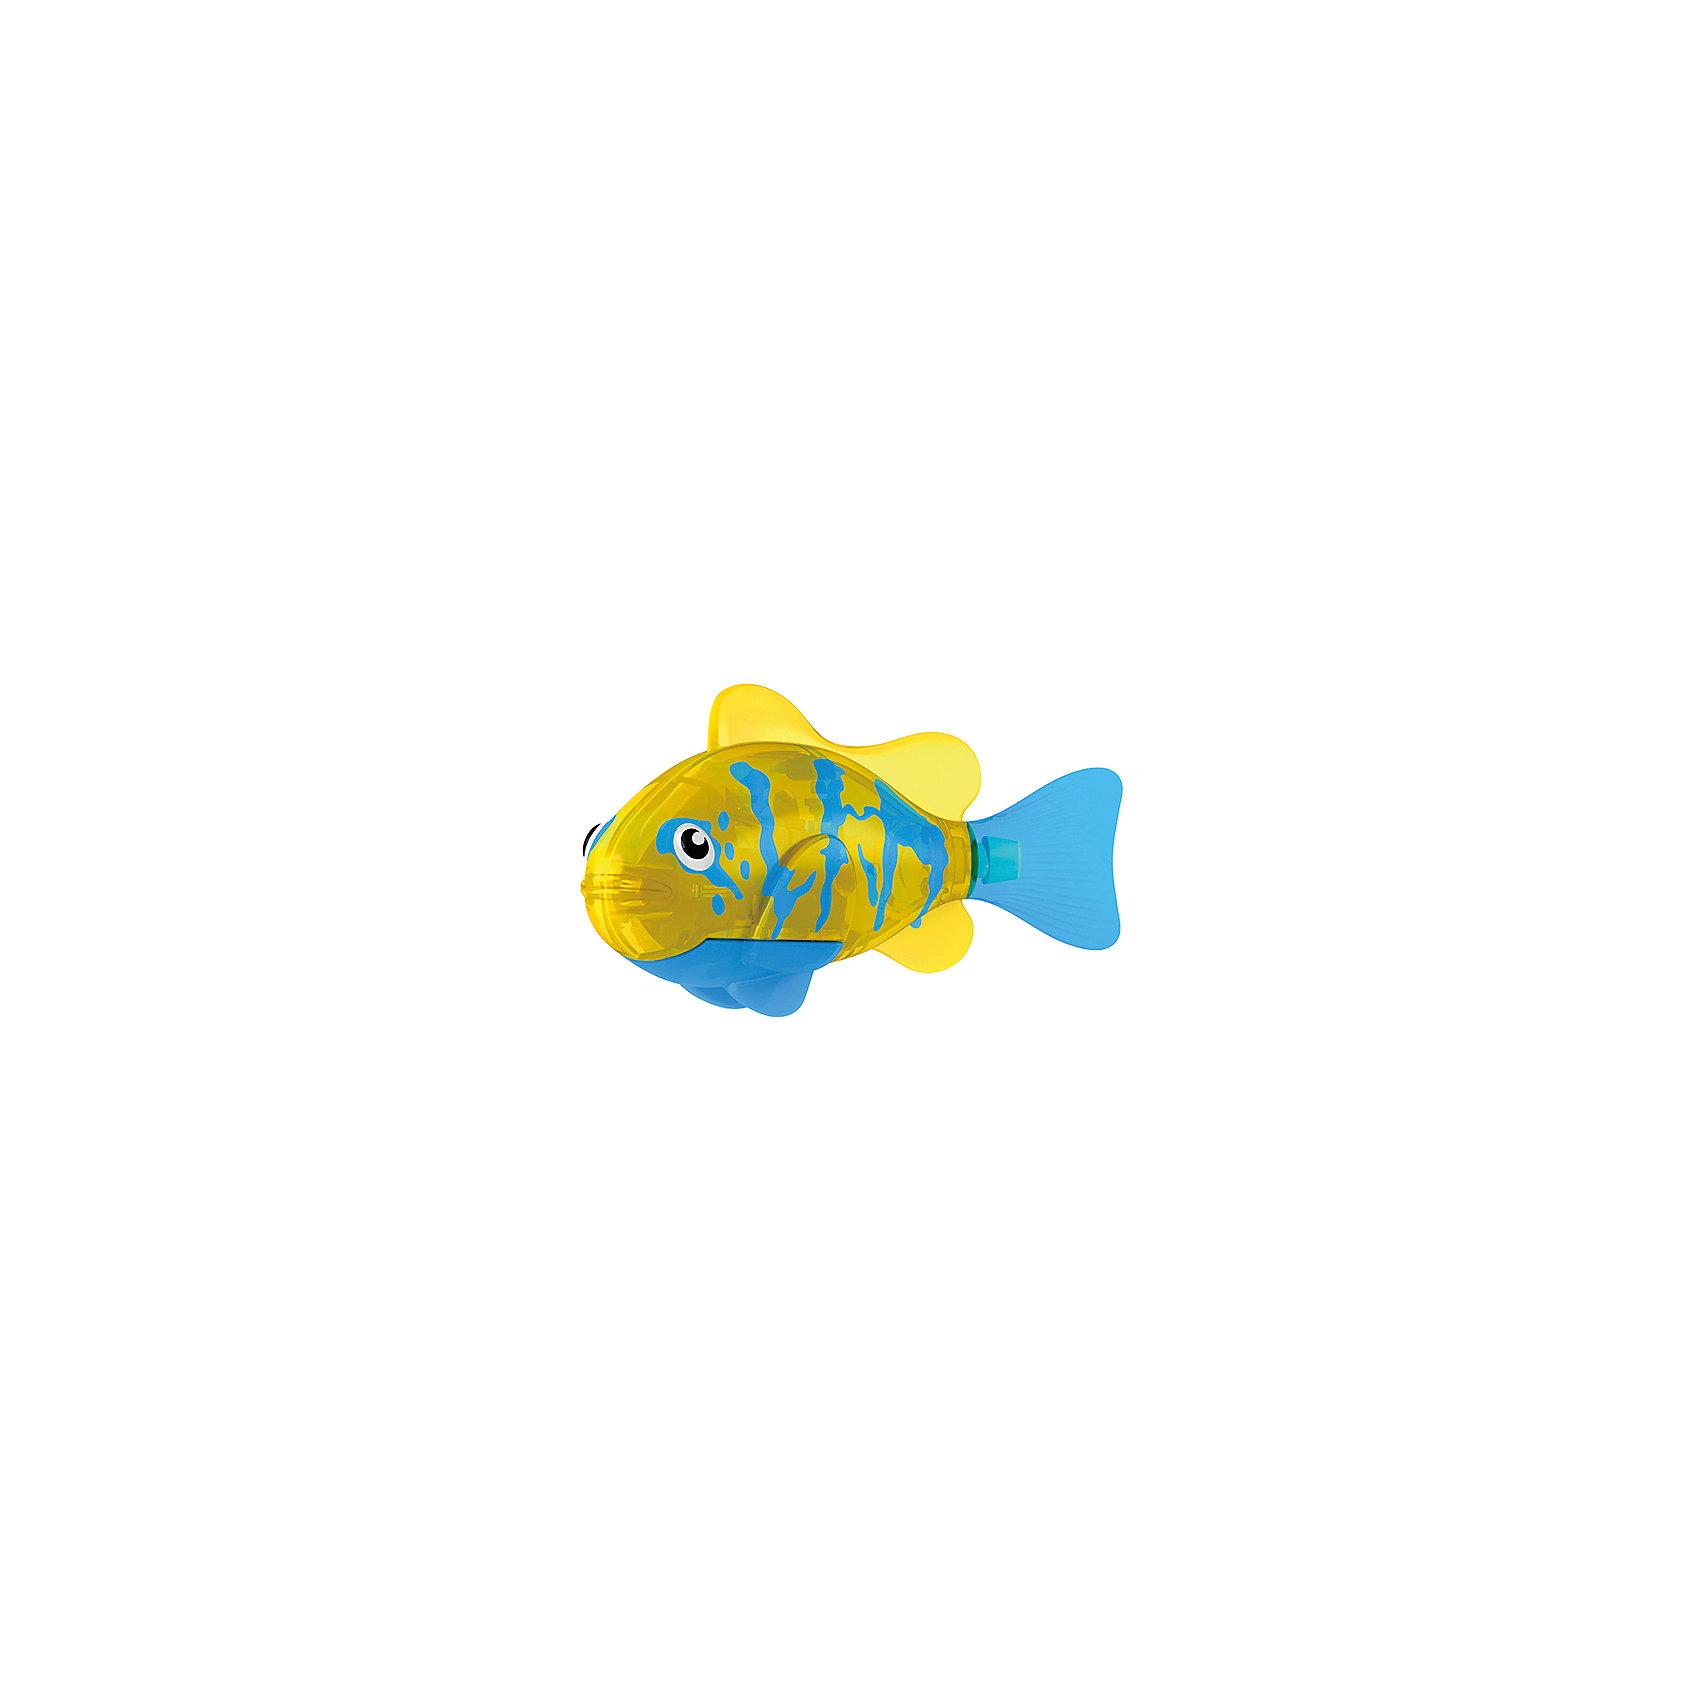 РобоРыбка Белогрудый хирург, RoboFishТропическая РобоРыбка Белогрудый хирург, ZURU (Зуру) – это высокотехнологичная инновационная игрушка, имитирующая повадки рыбы в воде.<br>Тропическая РобоРыбка (Robofish) Белогрудый хирург напоминает свою родственницу из теплых морей. Для РобоРыбки нужна только ёмкость с водой, и никакого ухода! Автоматический датчик, активирует рыбку в воде. Мягкий силиконовый хвост и электромагнитный мотор позволит ей двигаться в 5 различных направлениях: влево, вправо, вперед, вверх или вниз. Ультразвуковая герметизация на 100% защитит внутренности от проникновения воды. РобоРыбка повторяет повадки настоящих рыб: опускается на дно и всплывает на поверхность, сбивается в стаи с другими роборыбками, трется о стенки аквариума, меняет скорость движения, оплывает преграды. Внутри рыбки в крышке под батарейками находится специальный грузик, регулирующий глубину ее погружения. Для того, чтобы рыбка перестала двигаться нужно достать её из воды и насухо вытереть. Хранить РобоРыбку можно на специальной подставке, которая есть в комплекте. Игрушка выполнена из материалов абсолютно безопасных для здоровья.<br><br>Дополнительная информация:<br><br>- Возраст: для детей от 3 лет<br>- В комплекте: 1 рыбка, подставка, 4 батарейки (две установлены в игрушку и 2 запасные)<br>- Батарейки: тип RL44(A76)<br>- Размер рыбки: 7,5 x 2,0 x 3,5 см.<br>- Материал: пластик с элементами металла и резины<br>- Вес в упаковке: 72 г.<br>- Размер упаковки: 20 x 6,5 x 5 см..<br><br>Тропическая РобоРыбка (Робофиш) Белогрудый хирург, ZURU (Зуру) - заведите себе аквариум, обитатели которого порадуют и развлекут Вас своими забавными повадками и при этом совсем не потребуют никакого ухода!<br><br>Тропическую РобоРыбку Белогрудый хирург, ZURU (Зуру) можно купить в нашем интернет-магазине.<br><br>Ширина мм: 435<br>Глубина мм: 240<br>Высота мм: 405<br>Вес г: 216<br>Возраст от месяцев: 48<br>Возраст до месяцев: 96<br>Пол: Мужской<br>Возраст: Детский<br>SKU: 3609990